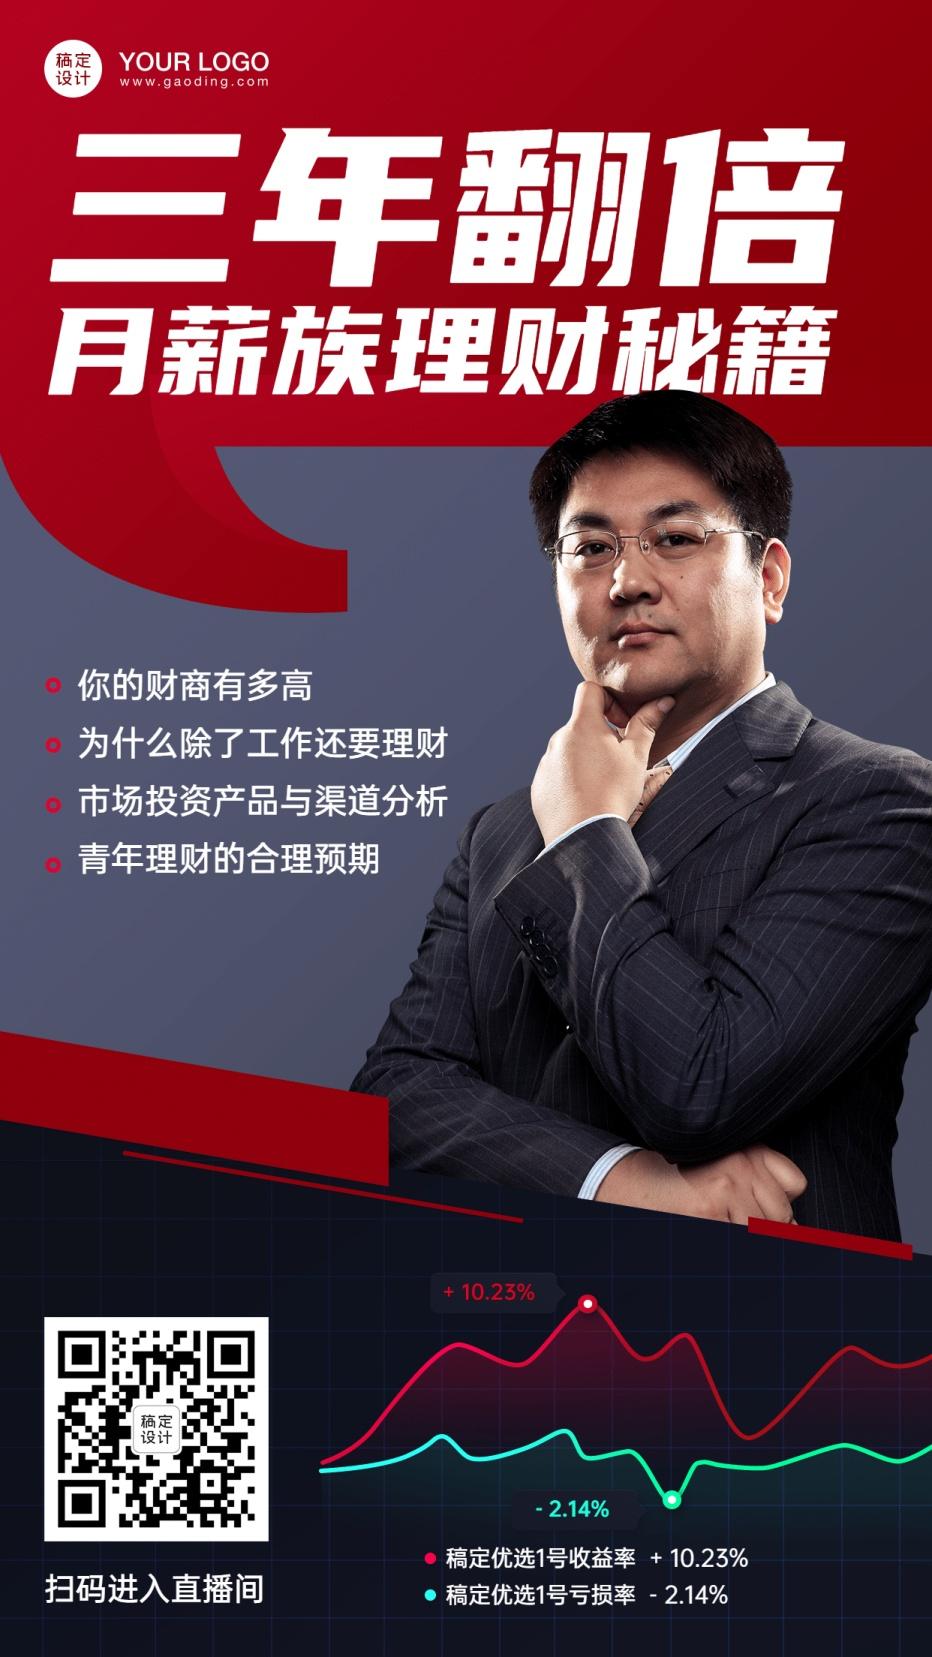 理财金融直播预告海报